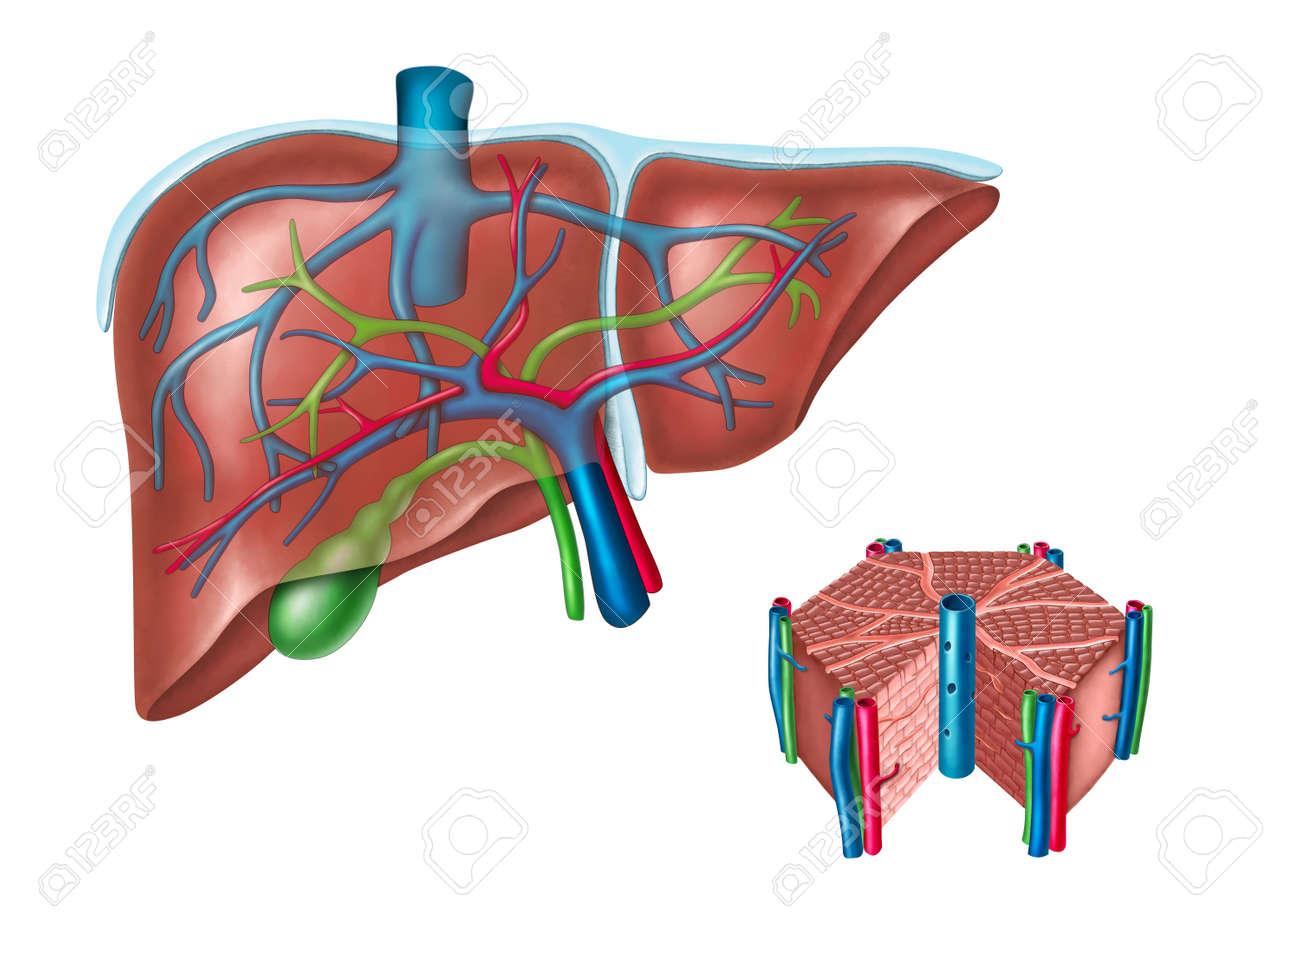 Hígado Humano Y Diagrama De La Célula Hepática. Ilustración Digital ...